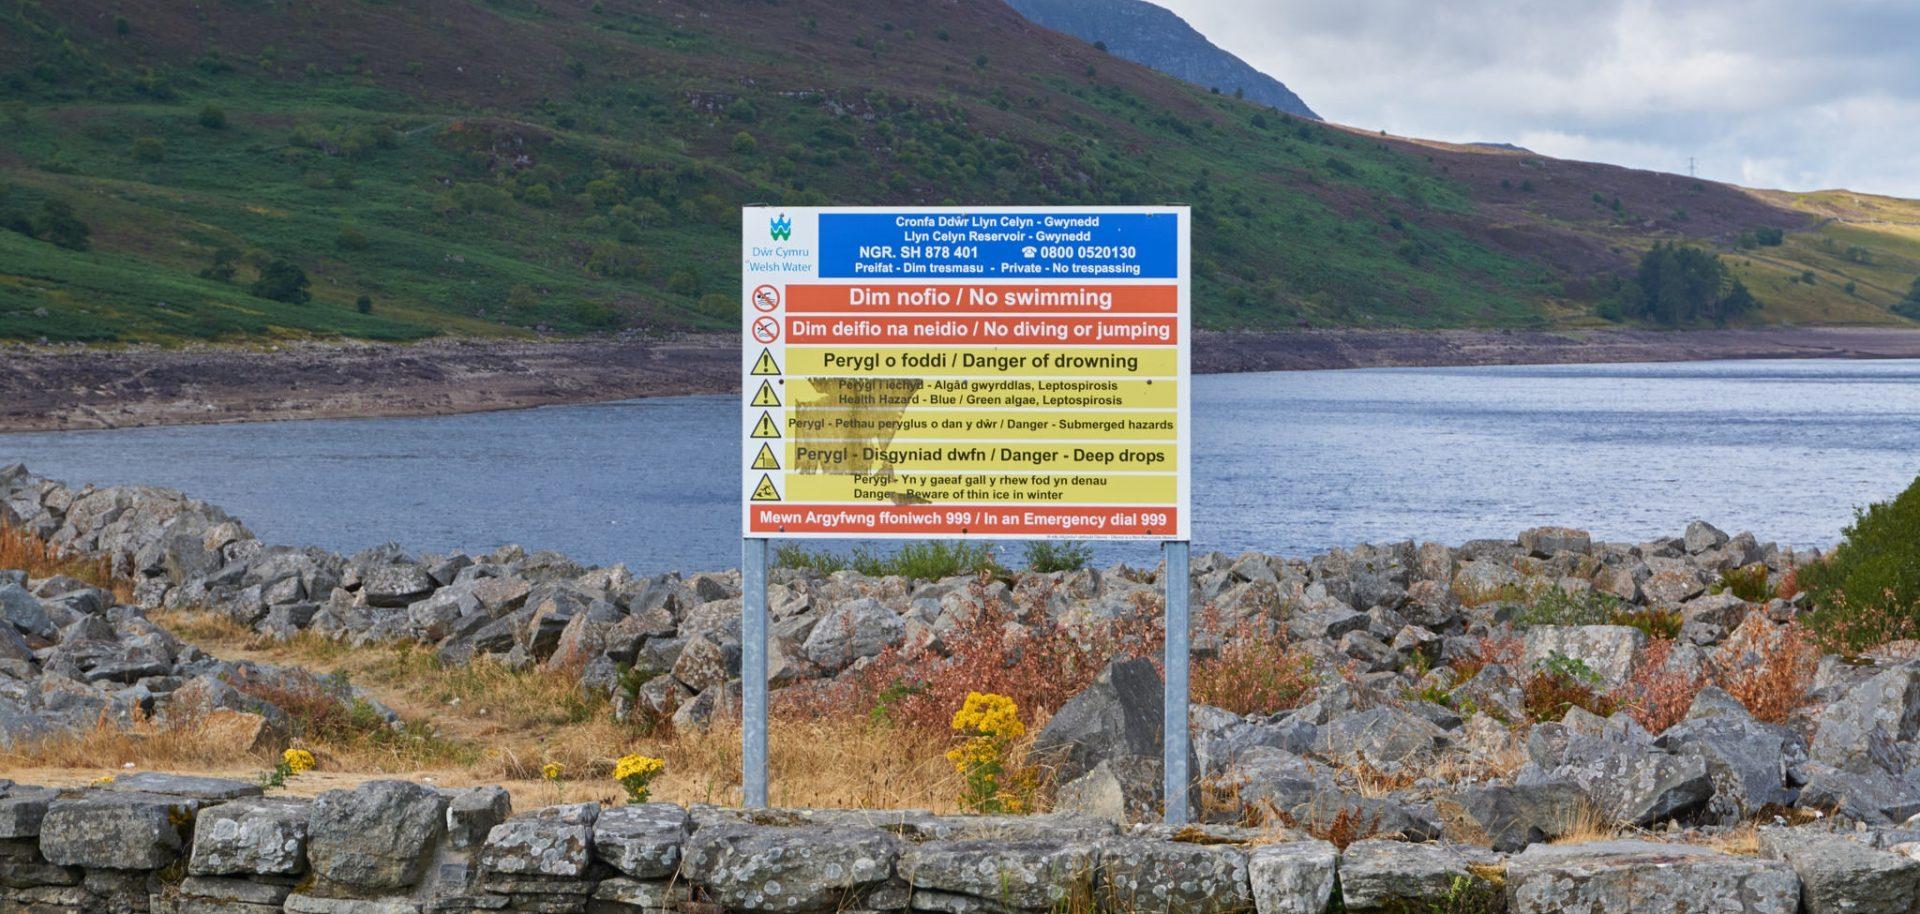 Warning signs at Afon Tryweryn